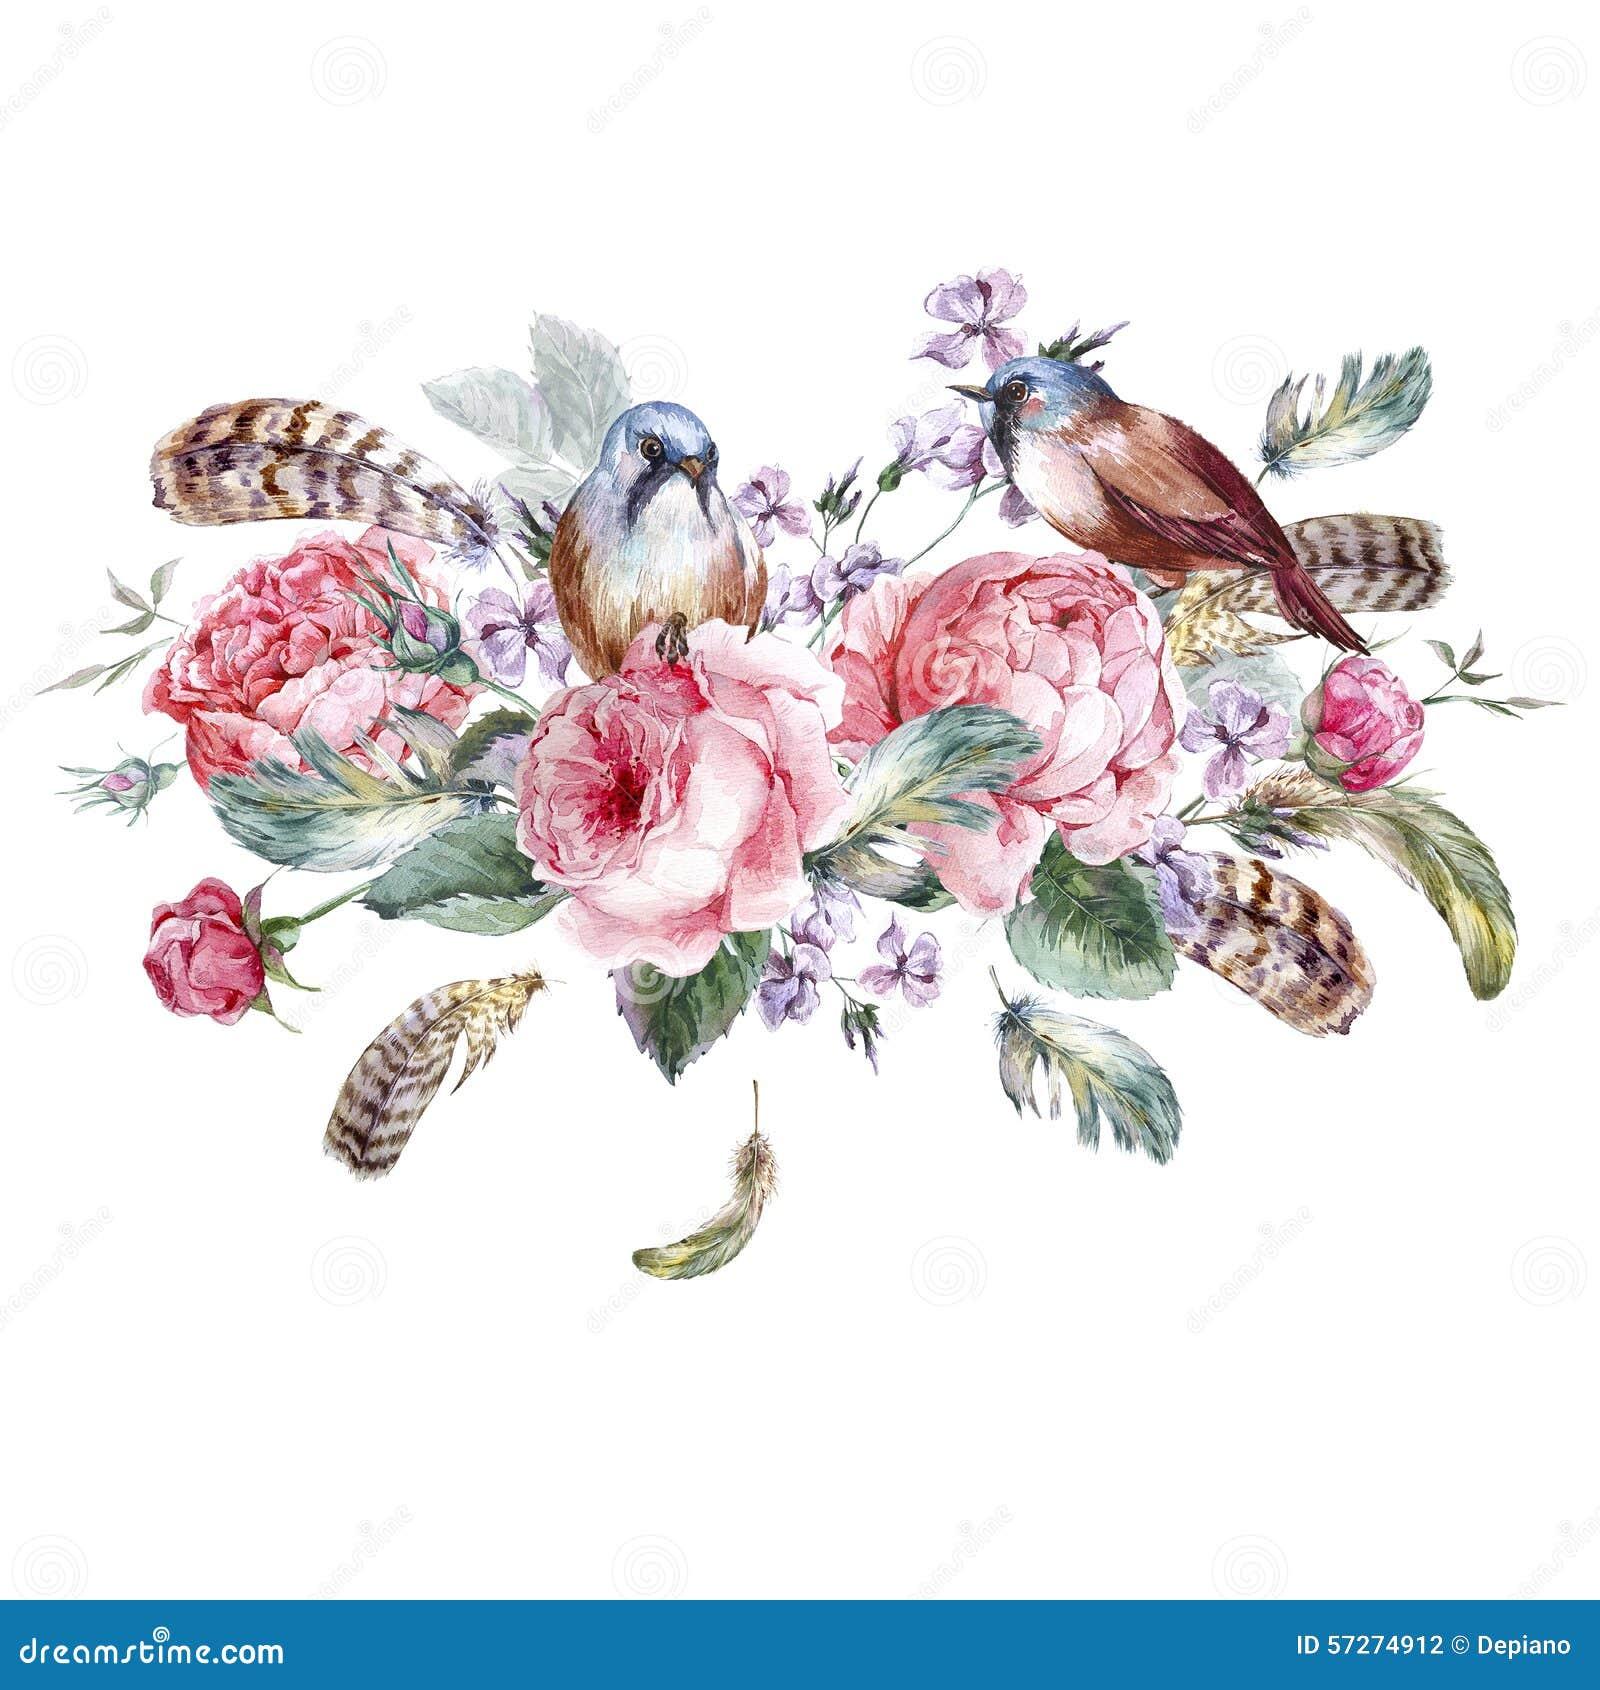 Vintage flower wallpaper designs vintage floral wallpaper - Classical Watercolor Floral Vintage Greeting Card Stock